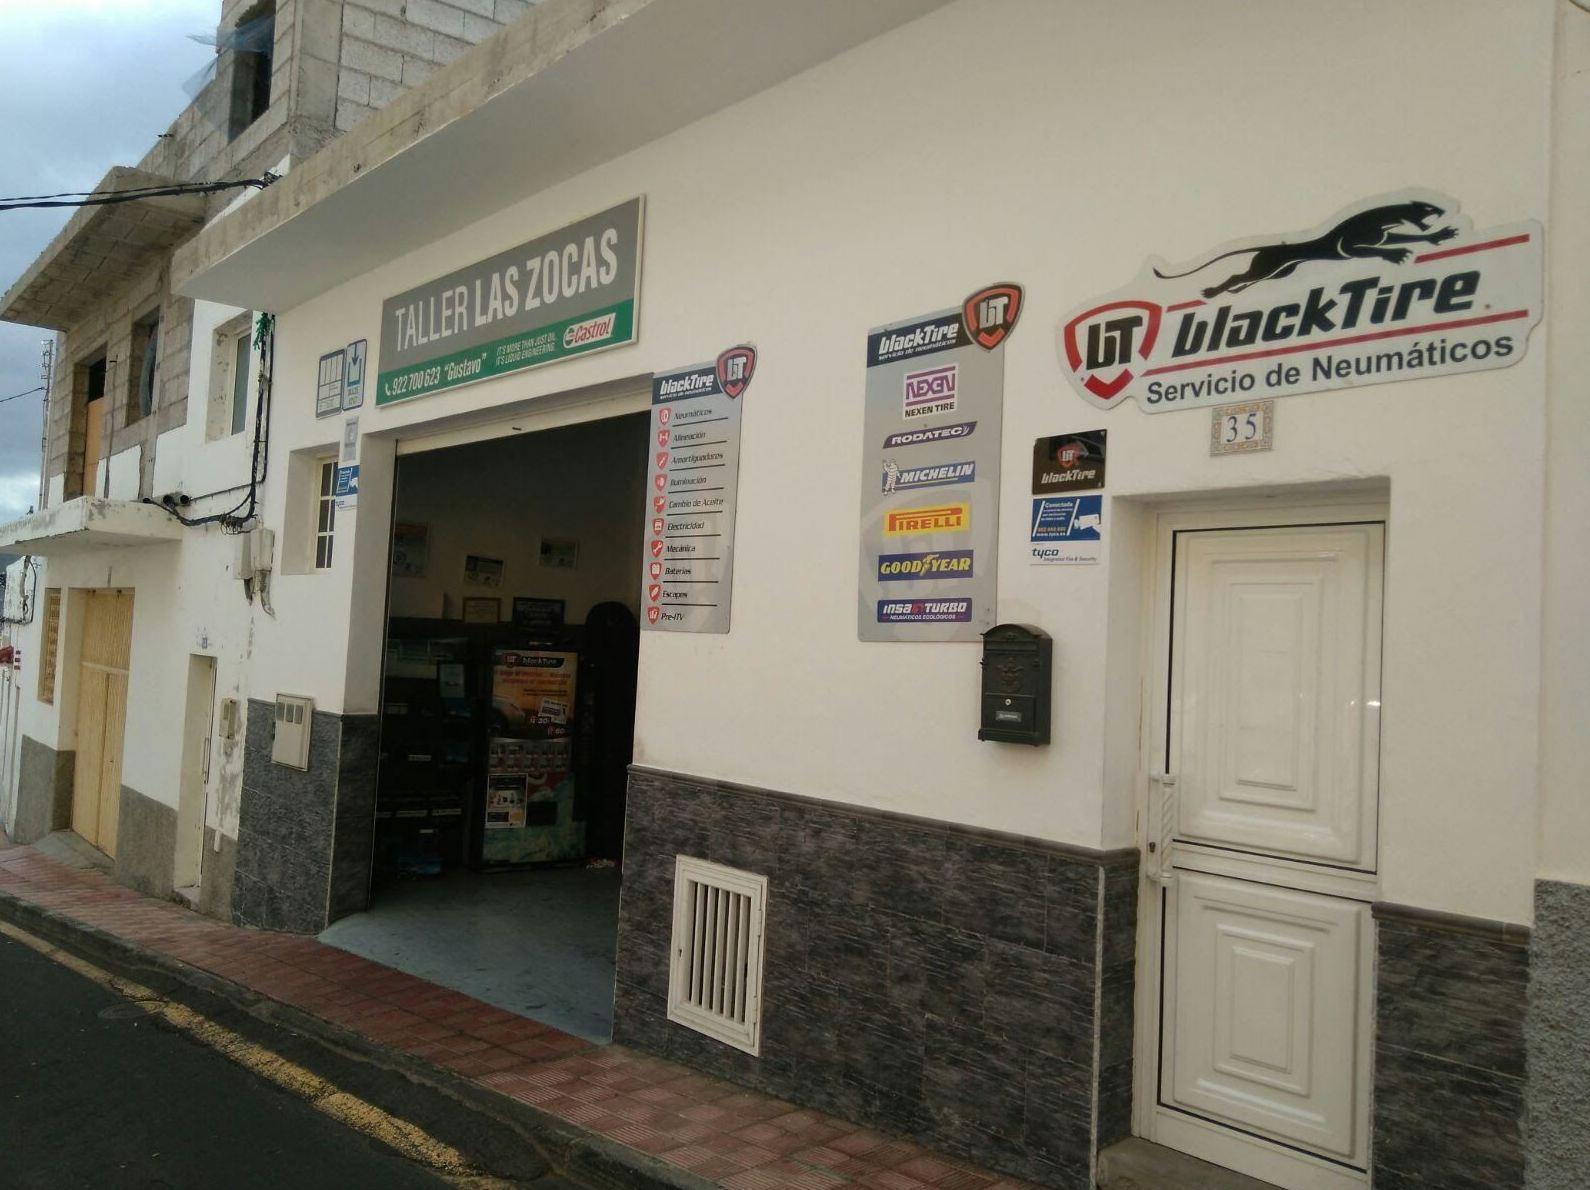 Foto 1 de Talleres de automóviles en Las Zocas | Taller Las Zocas